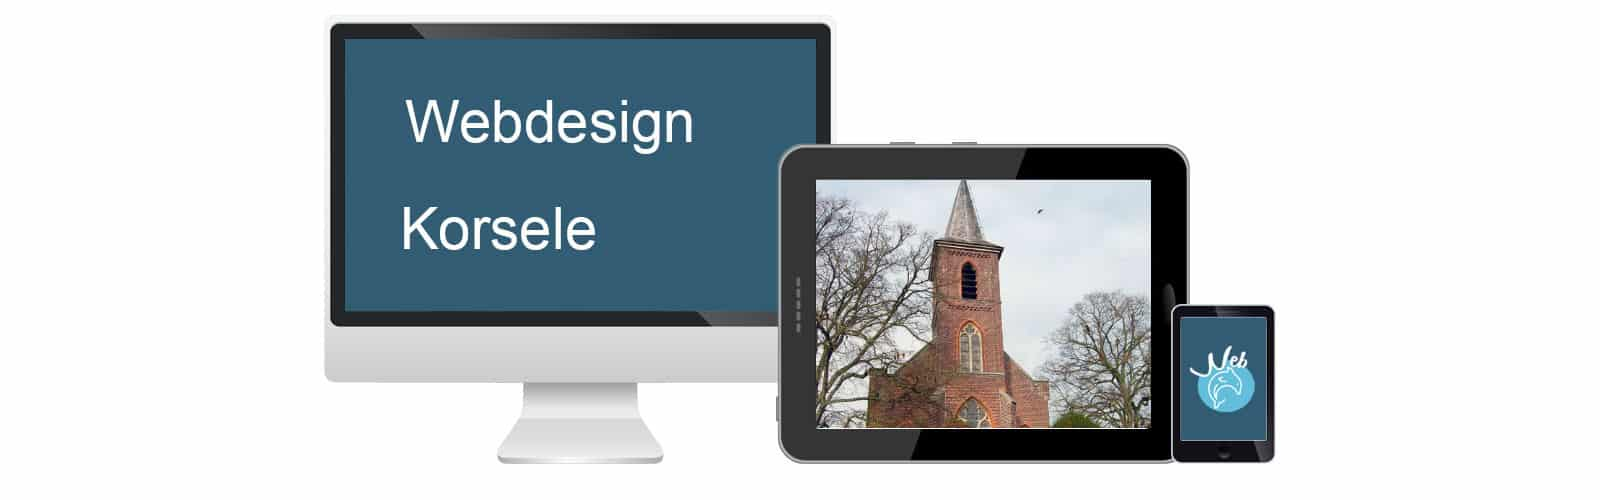 Webdesign Korsele - webdolfijn